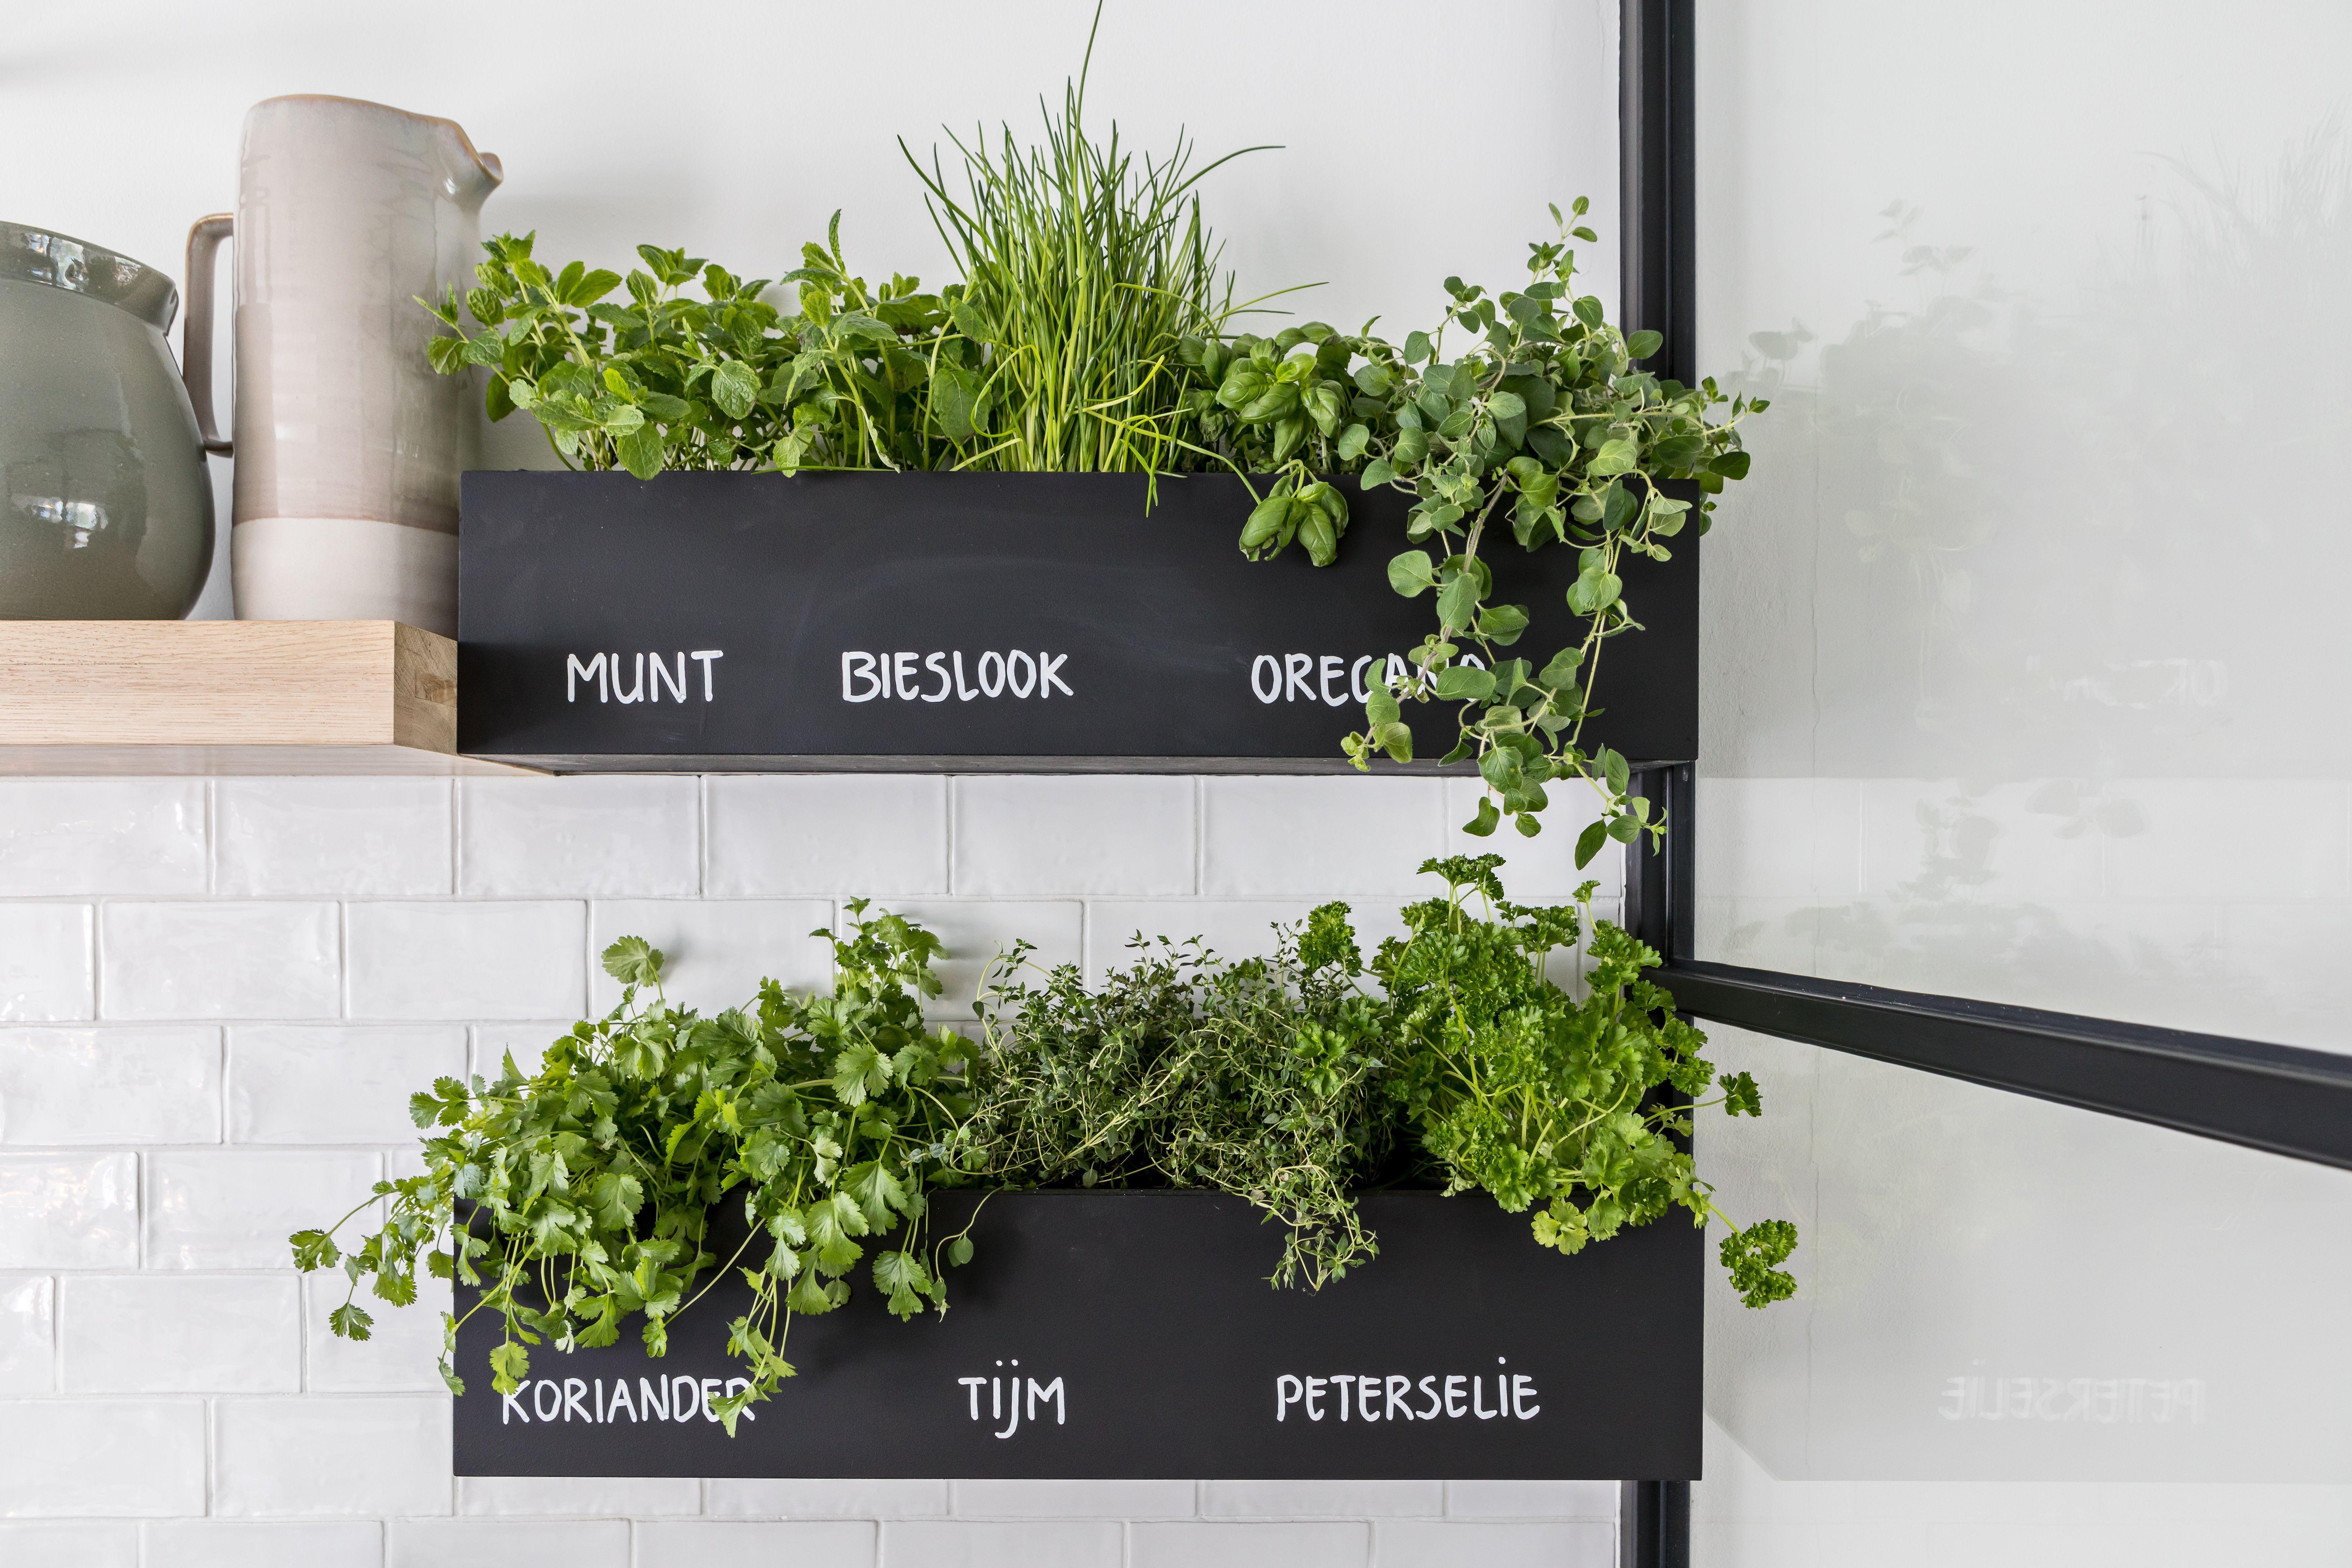 Pin Von Alejandra Kessler Auf Interior In 2020 Krauterwand Pflanzen Kuche Aufbewahrung Ideen